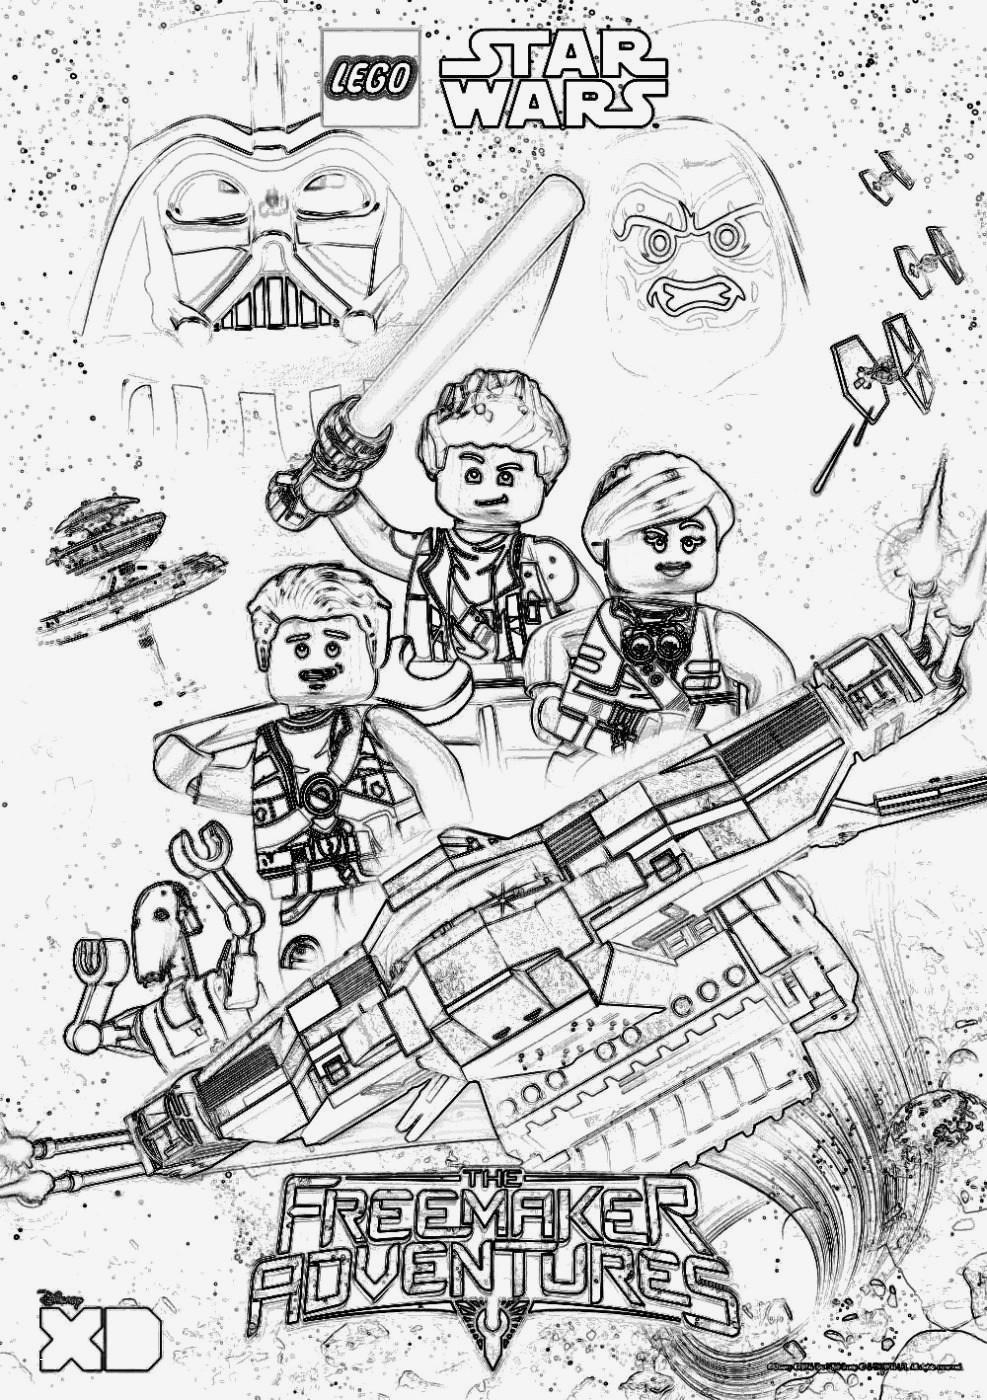 Ausmalbilder Star Wars Lego Genial Star Wars Malvorlagen Bildergalerie & Bilder Zum Ausmalen Lego Star Galerie